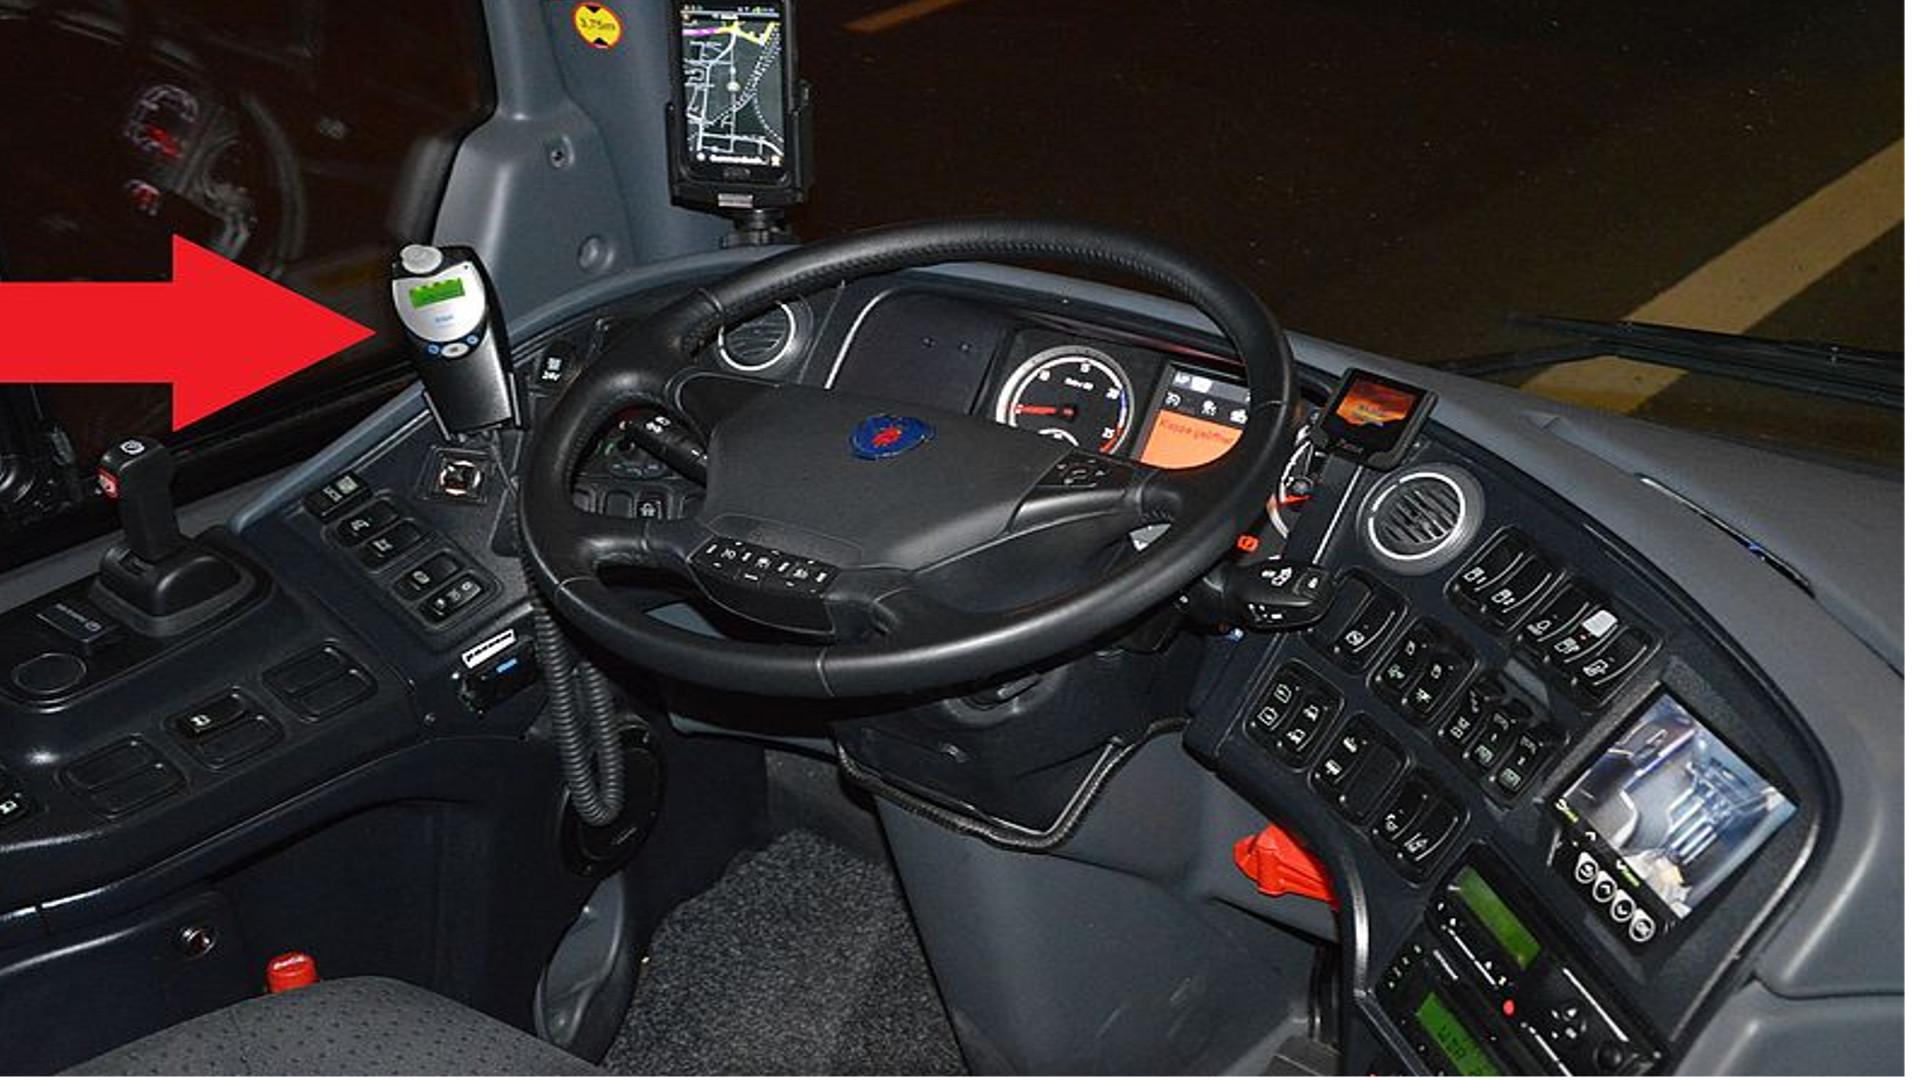 Se rebajara el limite de la tasa de alcohol permitidas a conductores profesionales1920